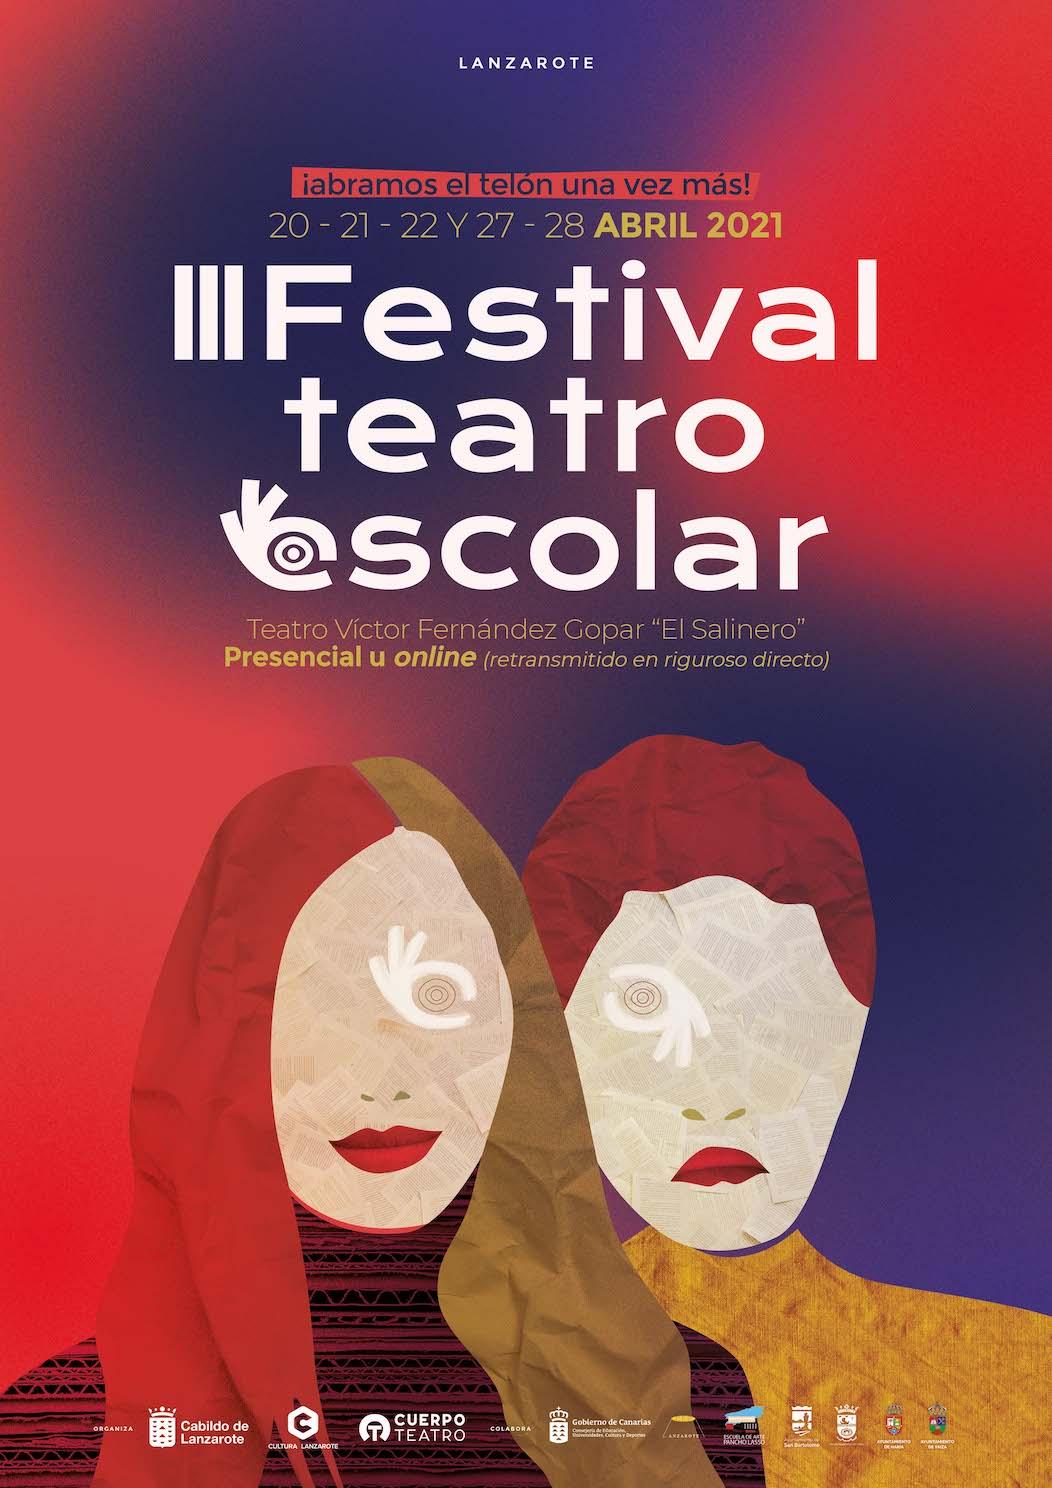 La clausura del 3º Festival de Teatro Escolar de Lanzarote se celebrará presencialmente y online entre el 20 y el 28 de abril